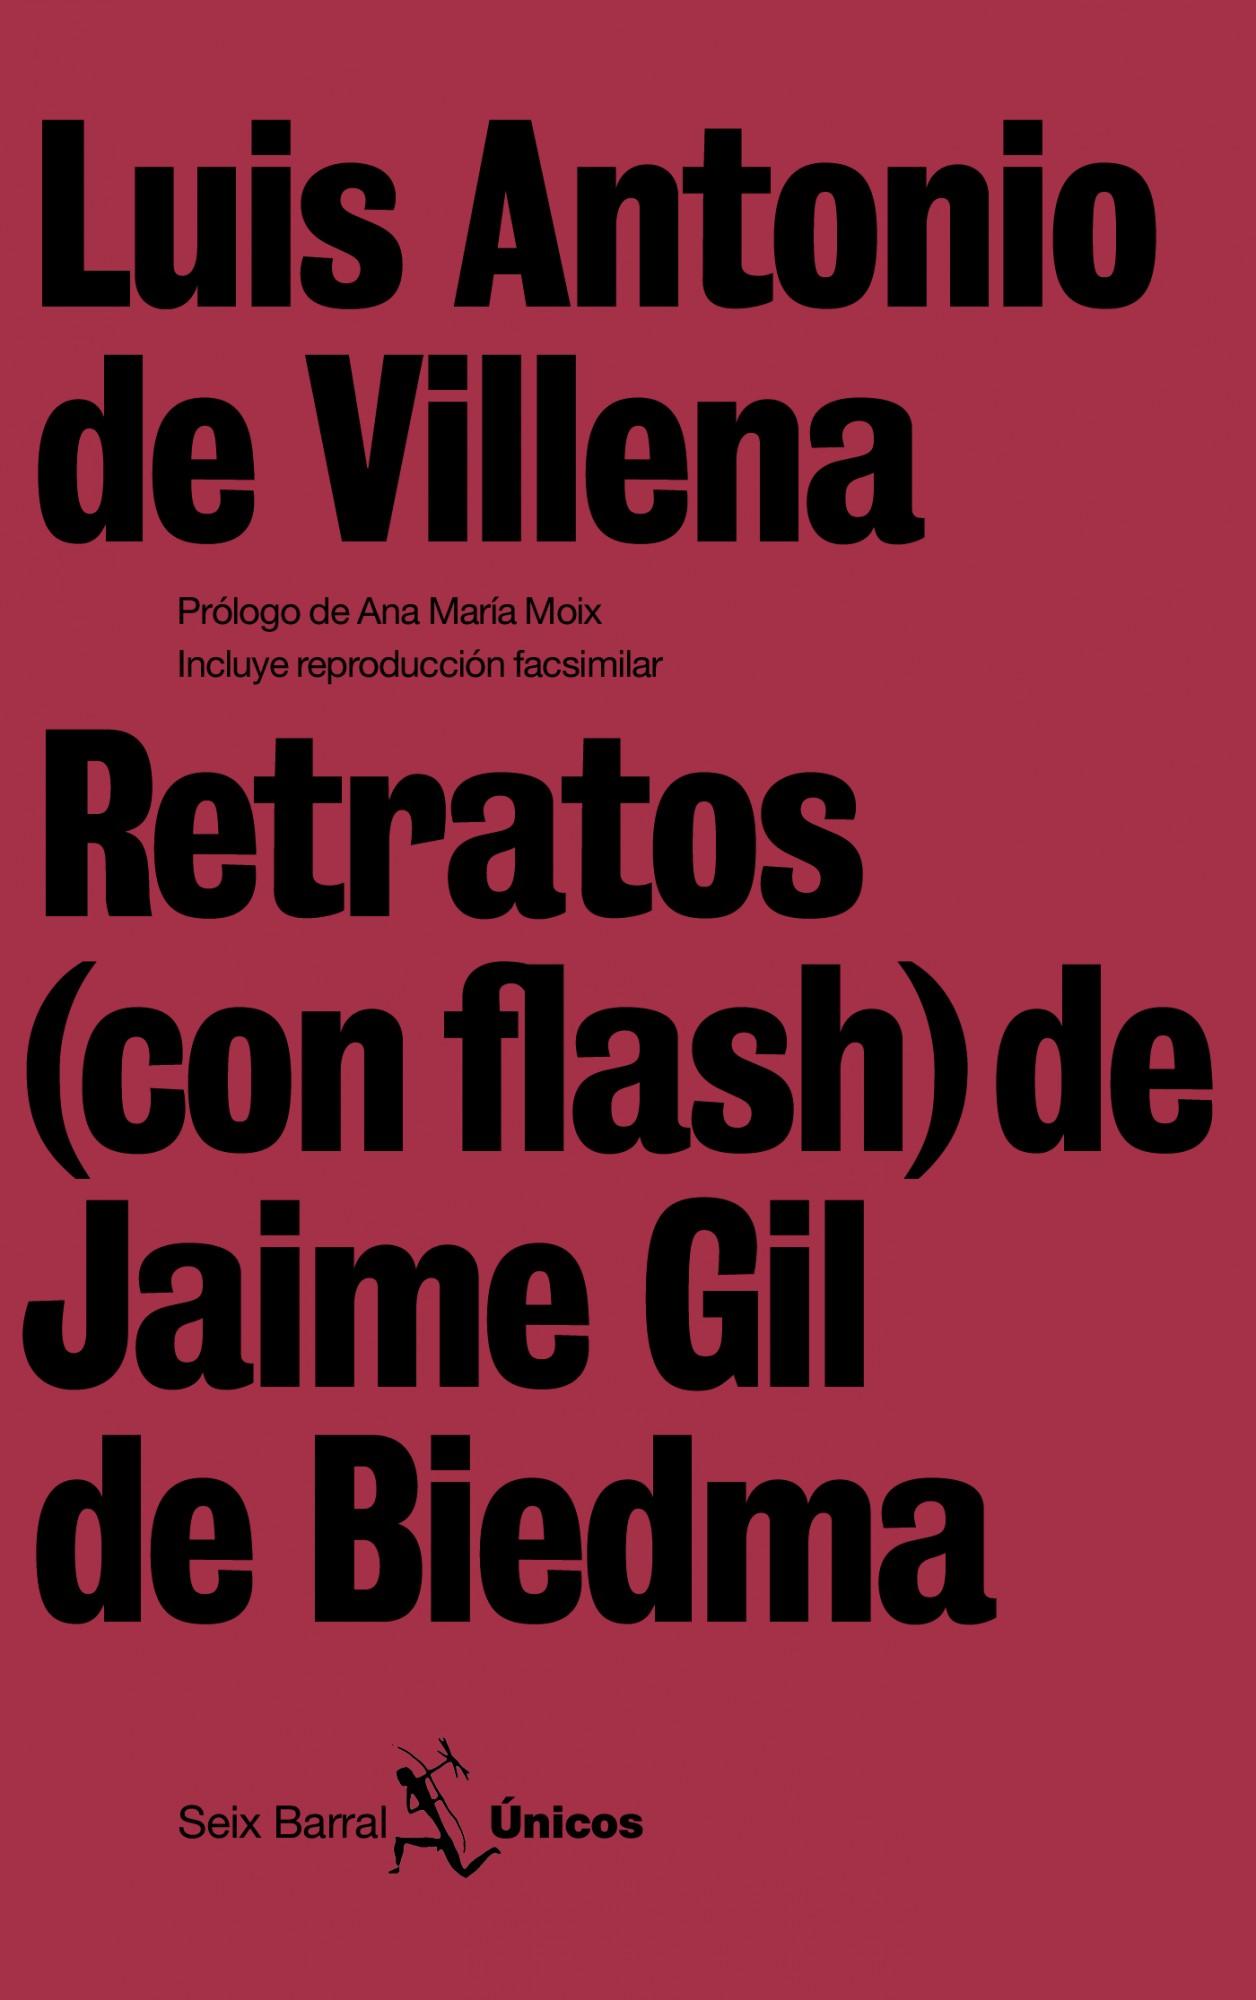 Retratos Con Flash De Jaime Gil De Biedma por Luis Antonio De Villena Gratis